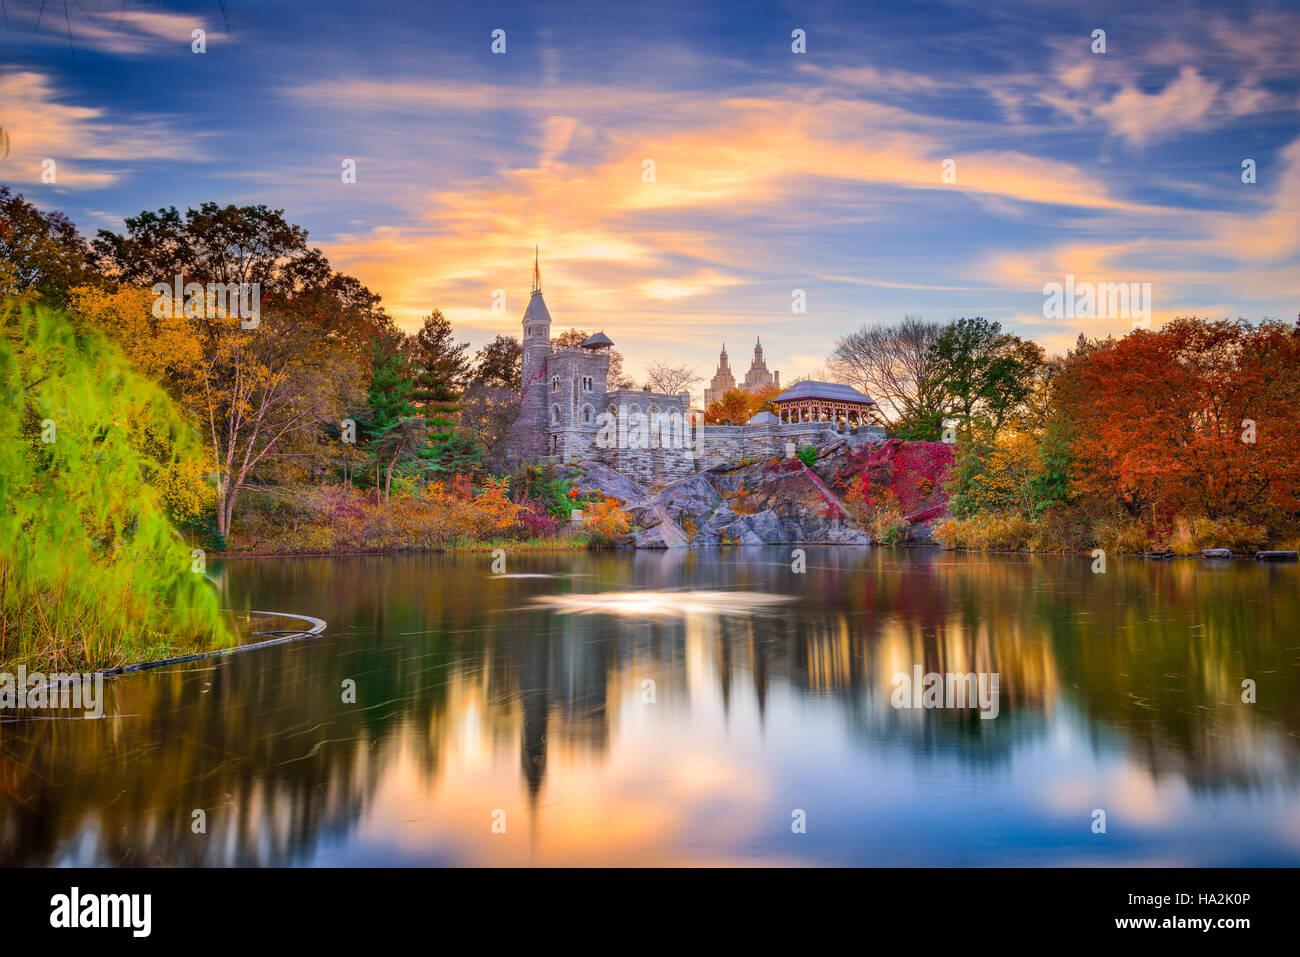 Il Central Park di New York City a Castello Belvedere durante un tramonto d'autunno. Immagini Stock